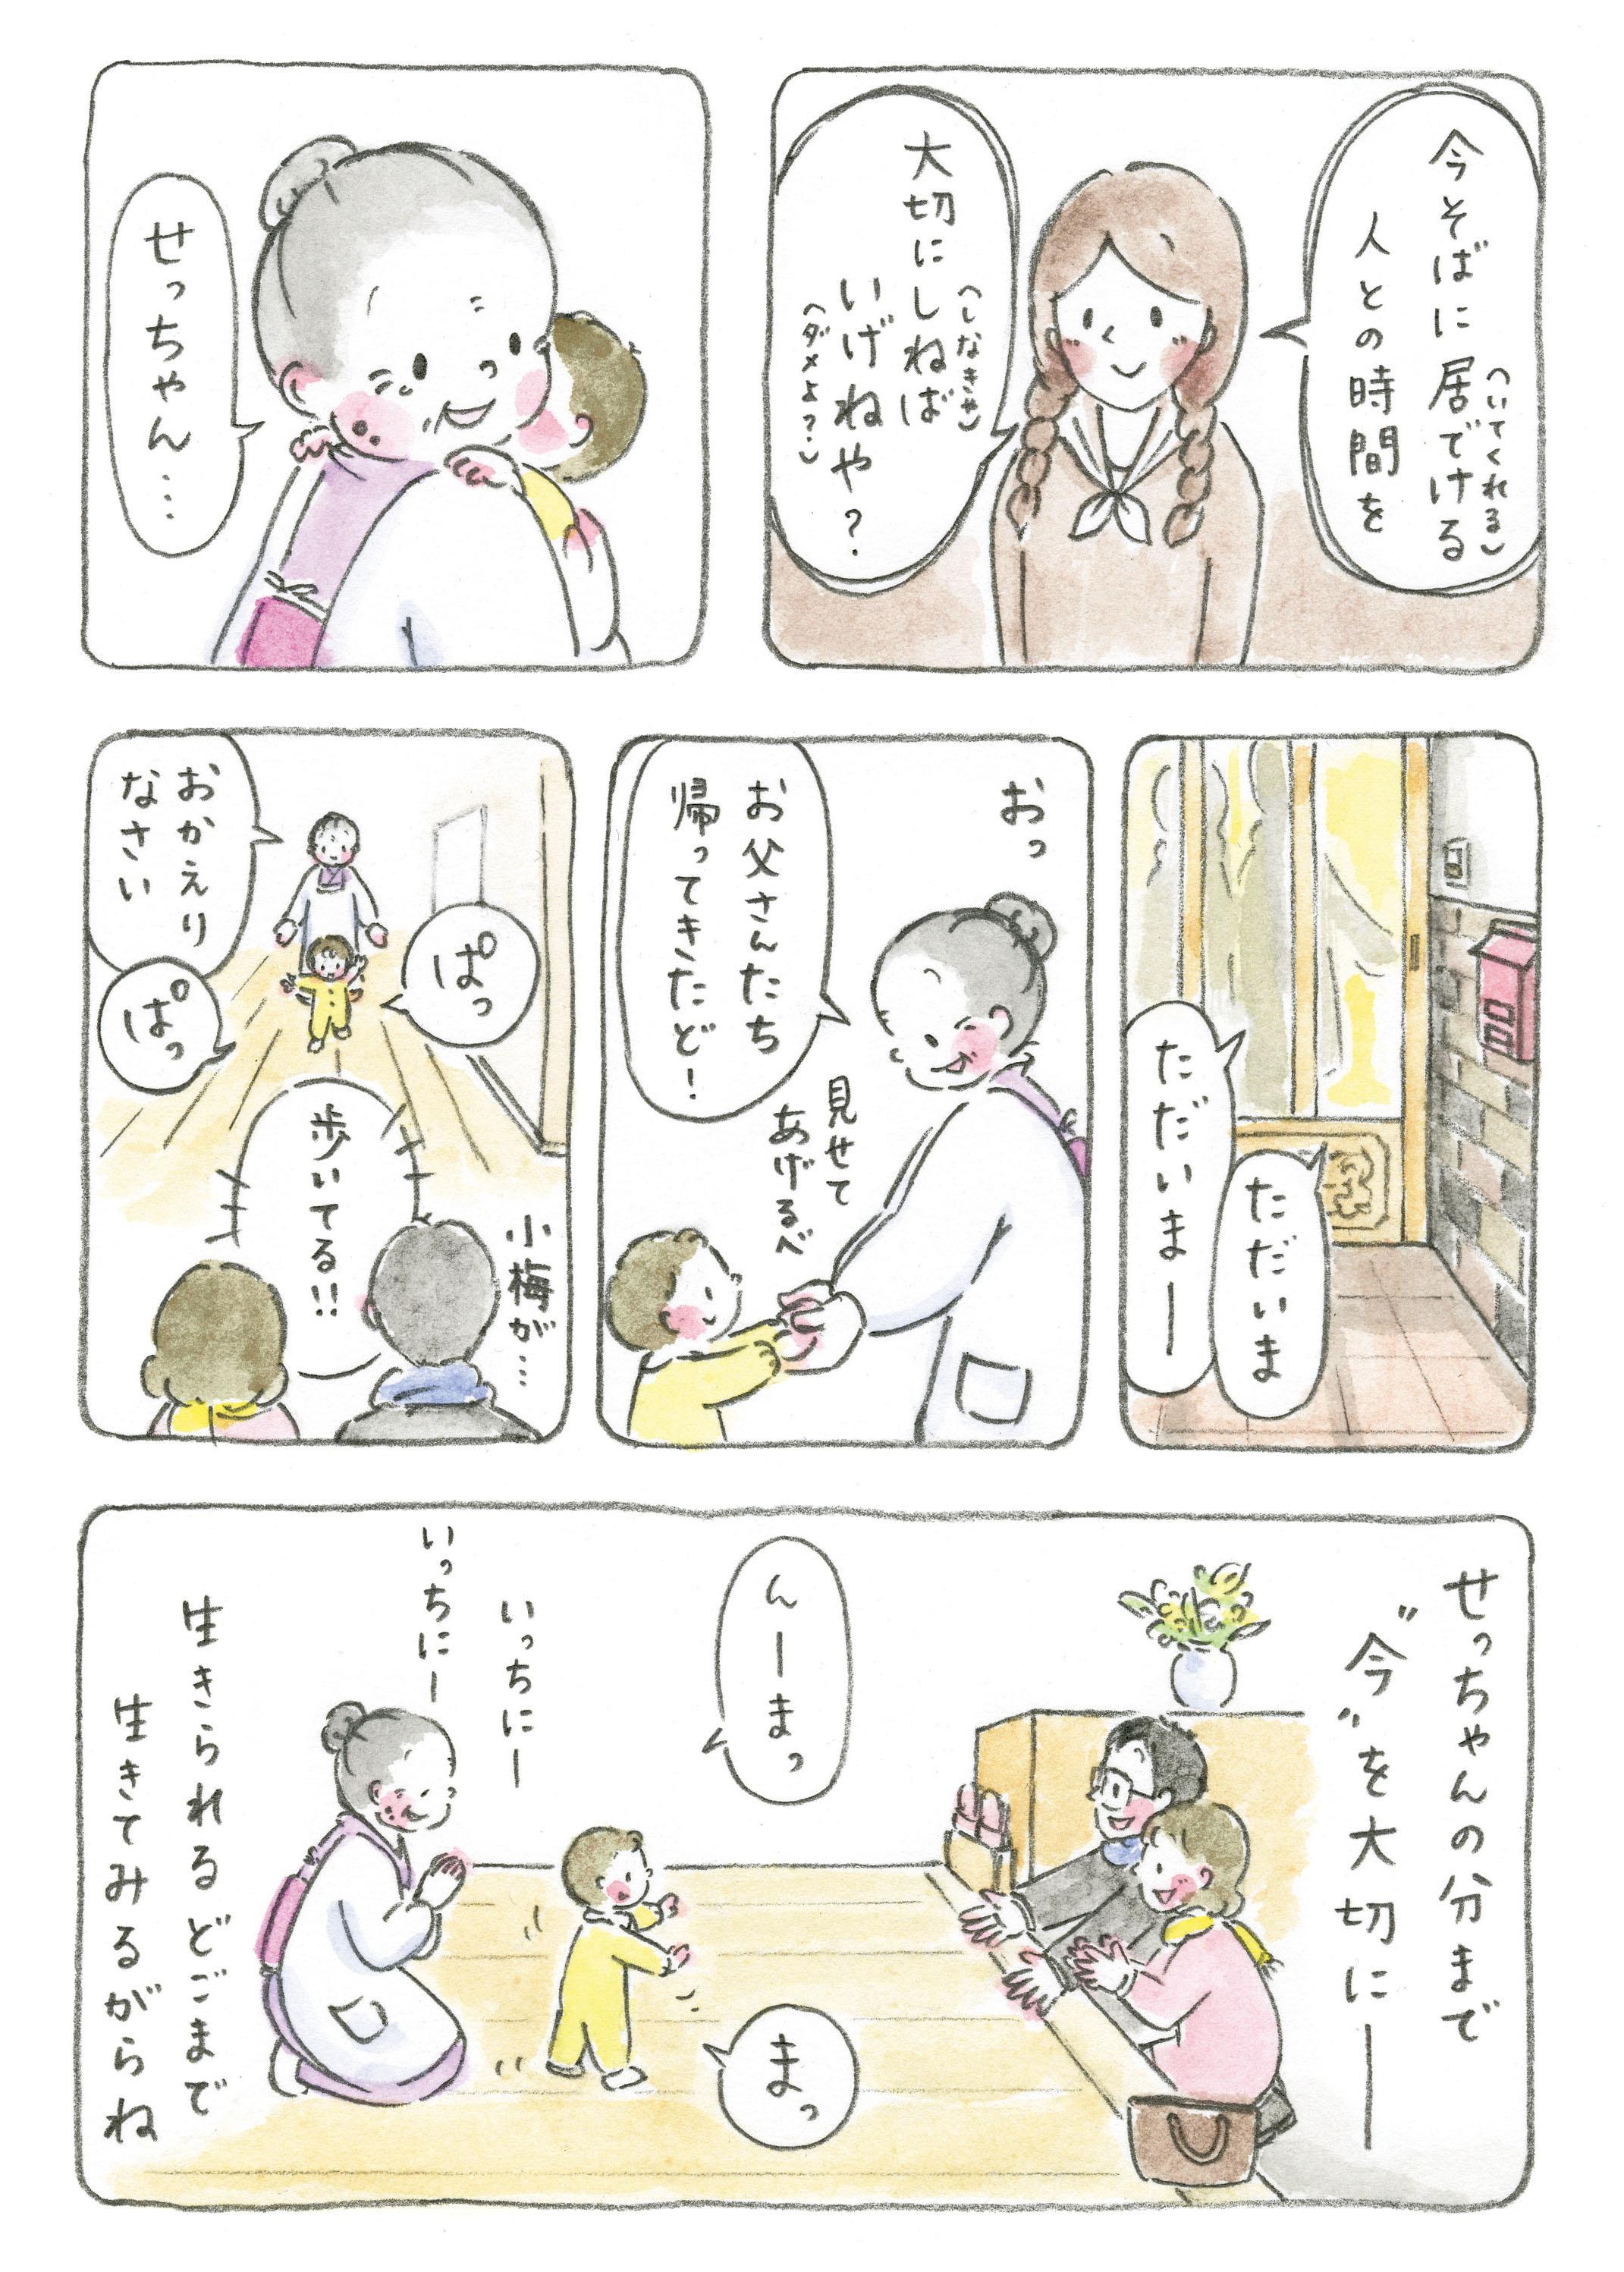 譴・&繧薙→蟆乗「・&繧点2逕サ蜒・umesan_2_P131.jpg